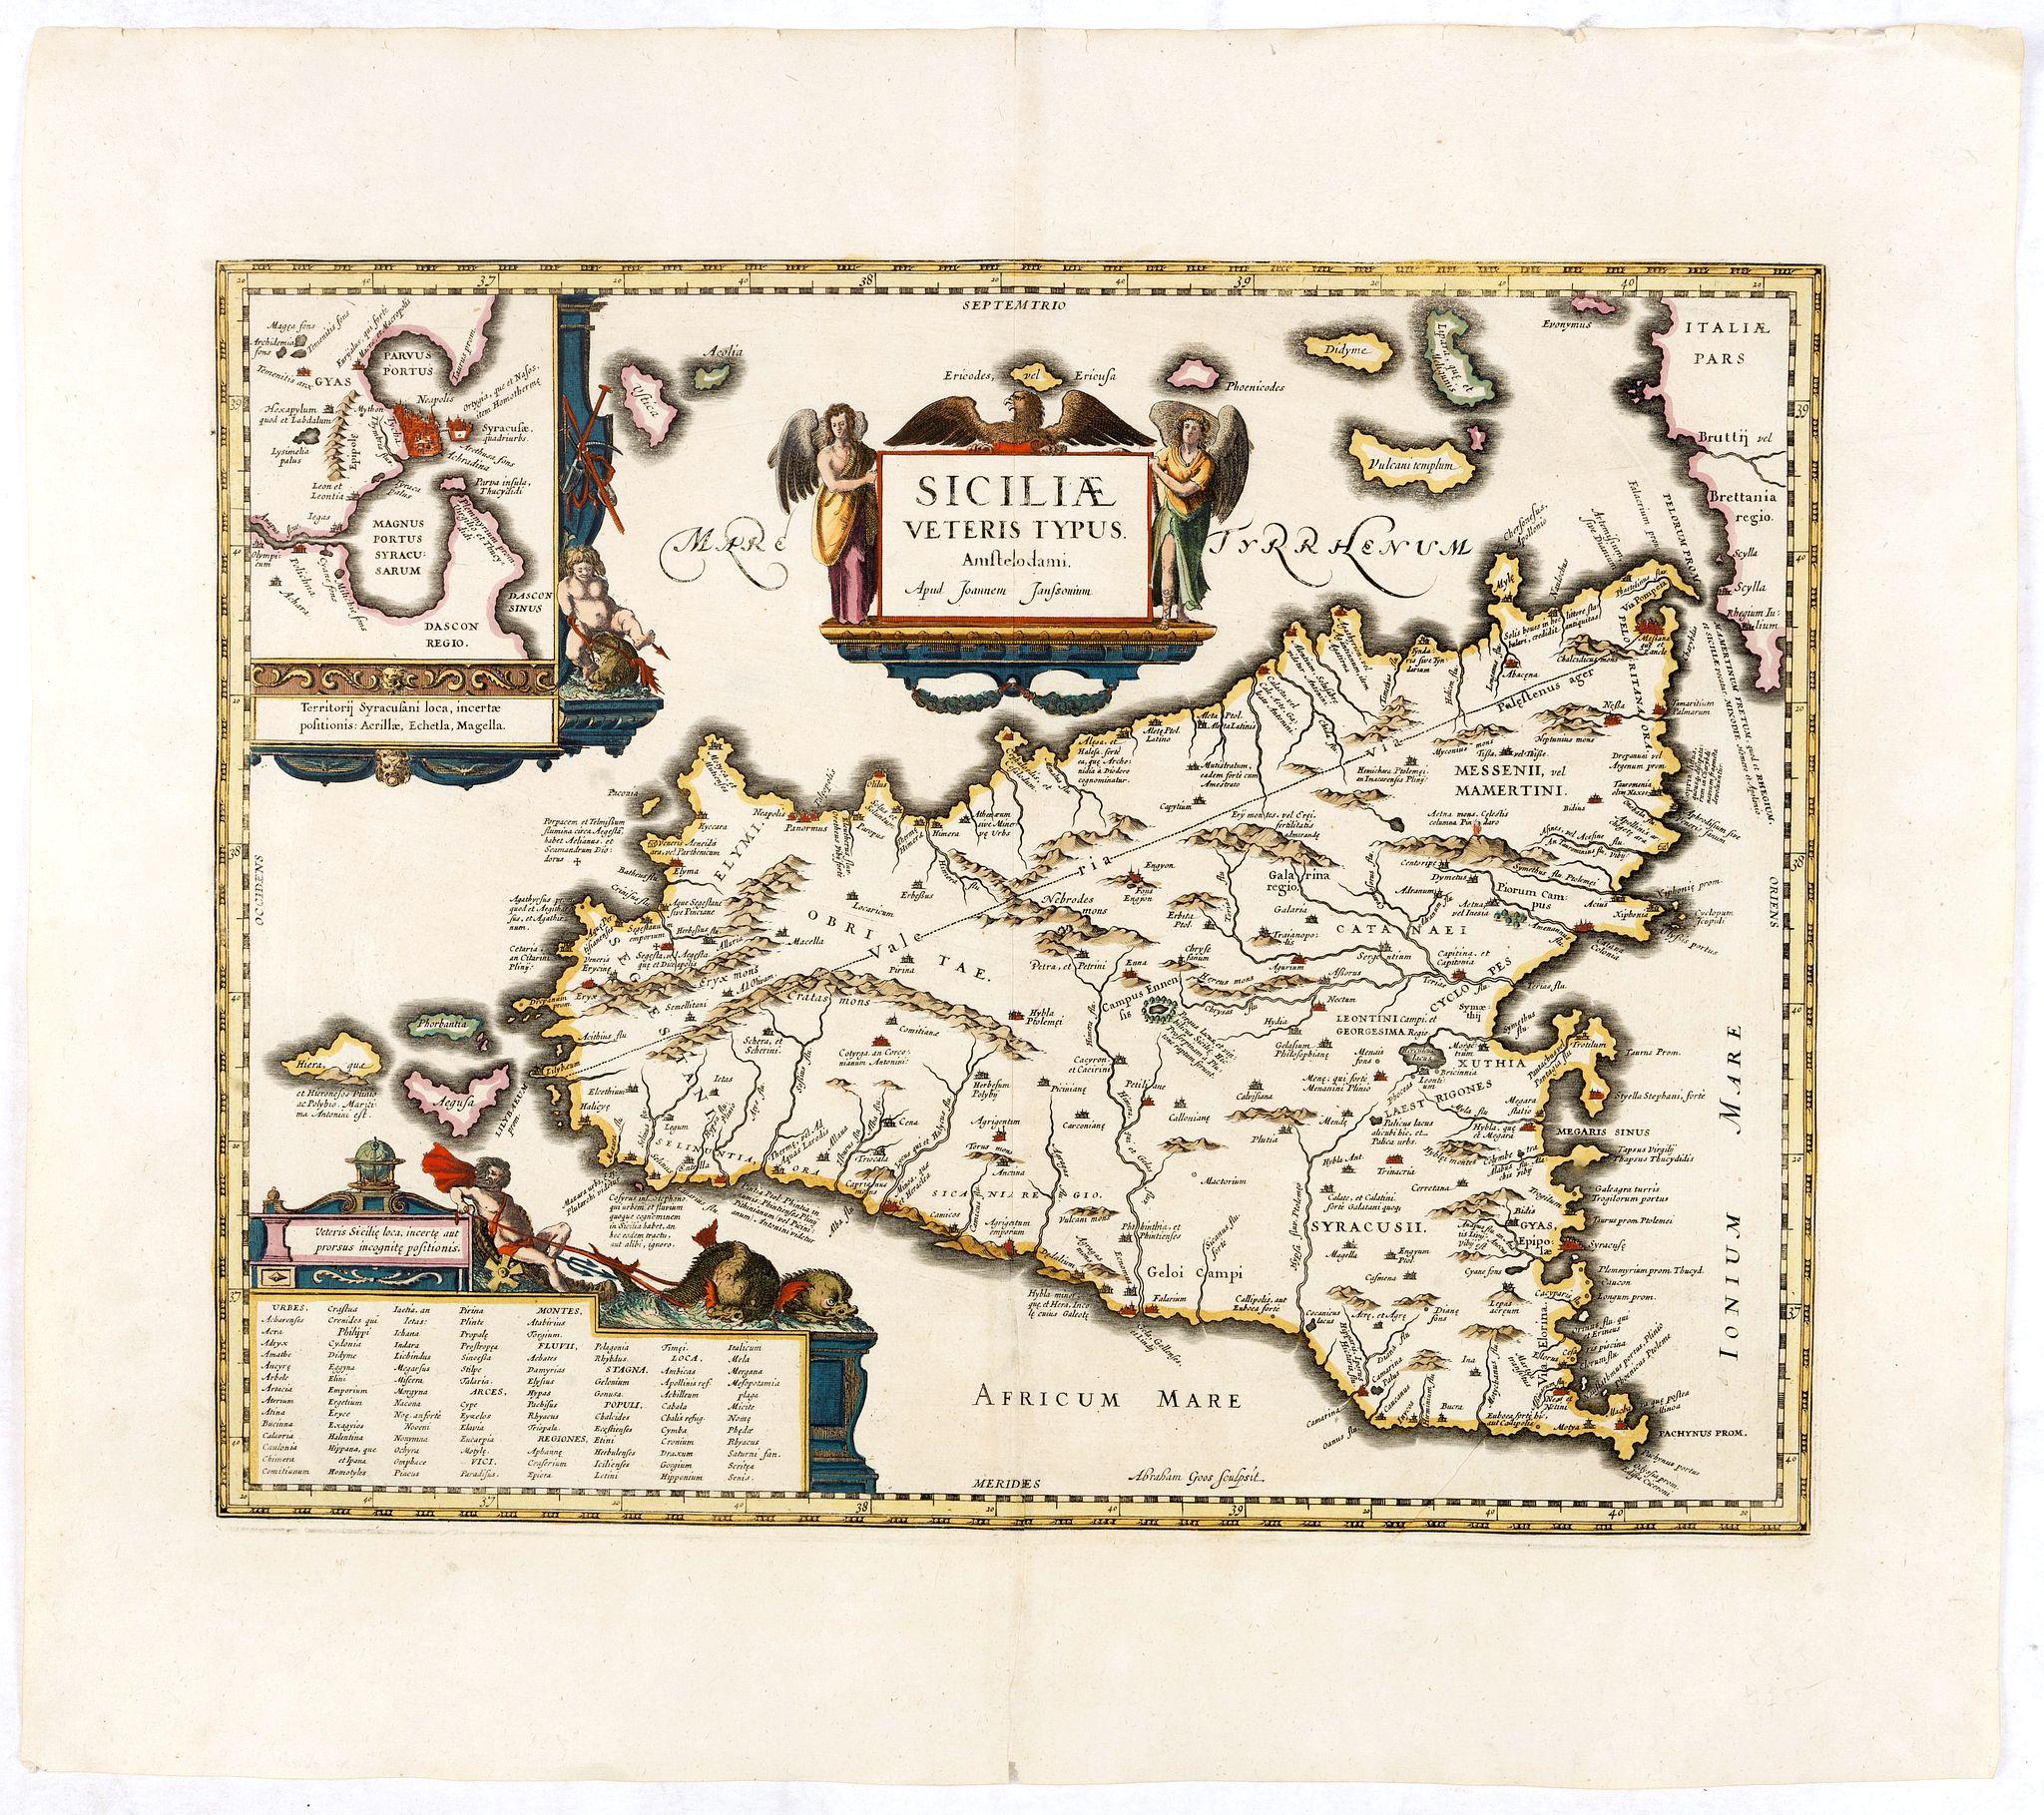 JANSSONIUS, J. -  Siciliae veteris typus.